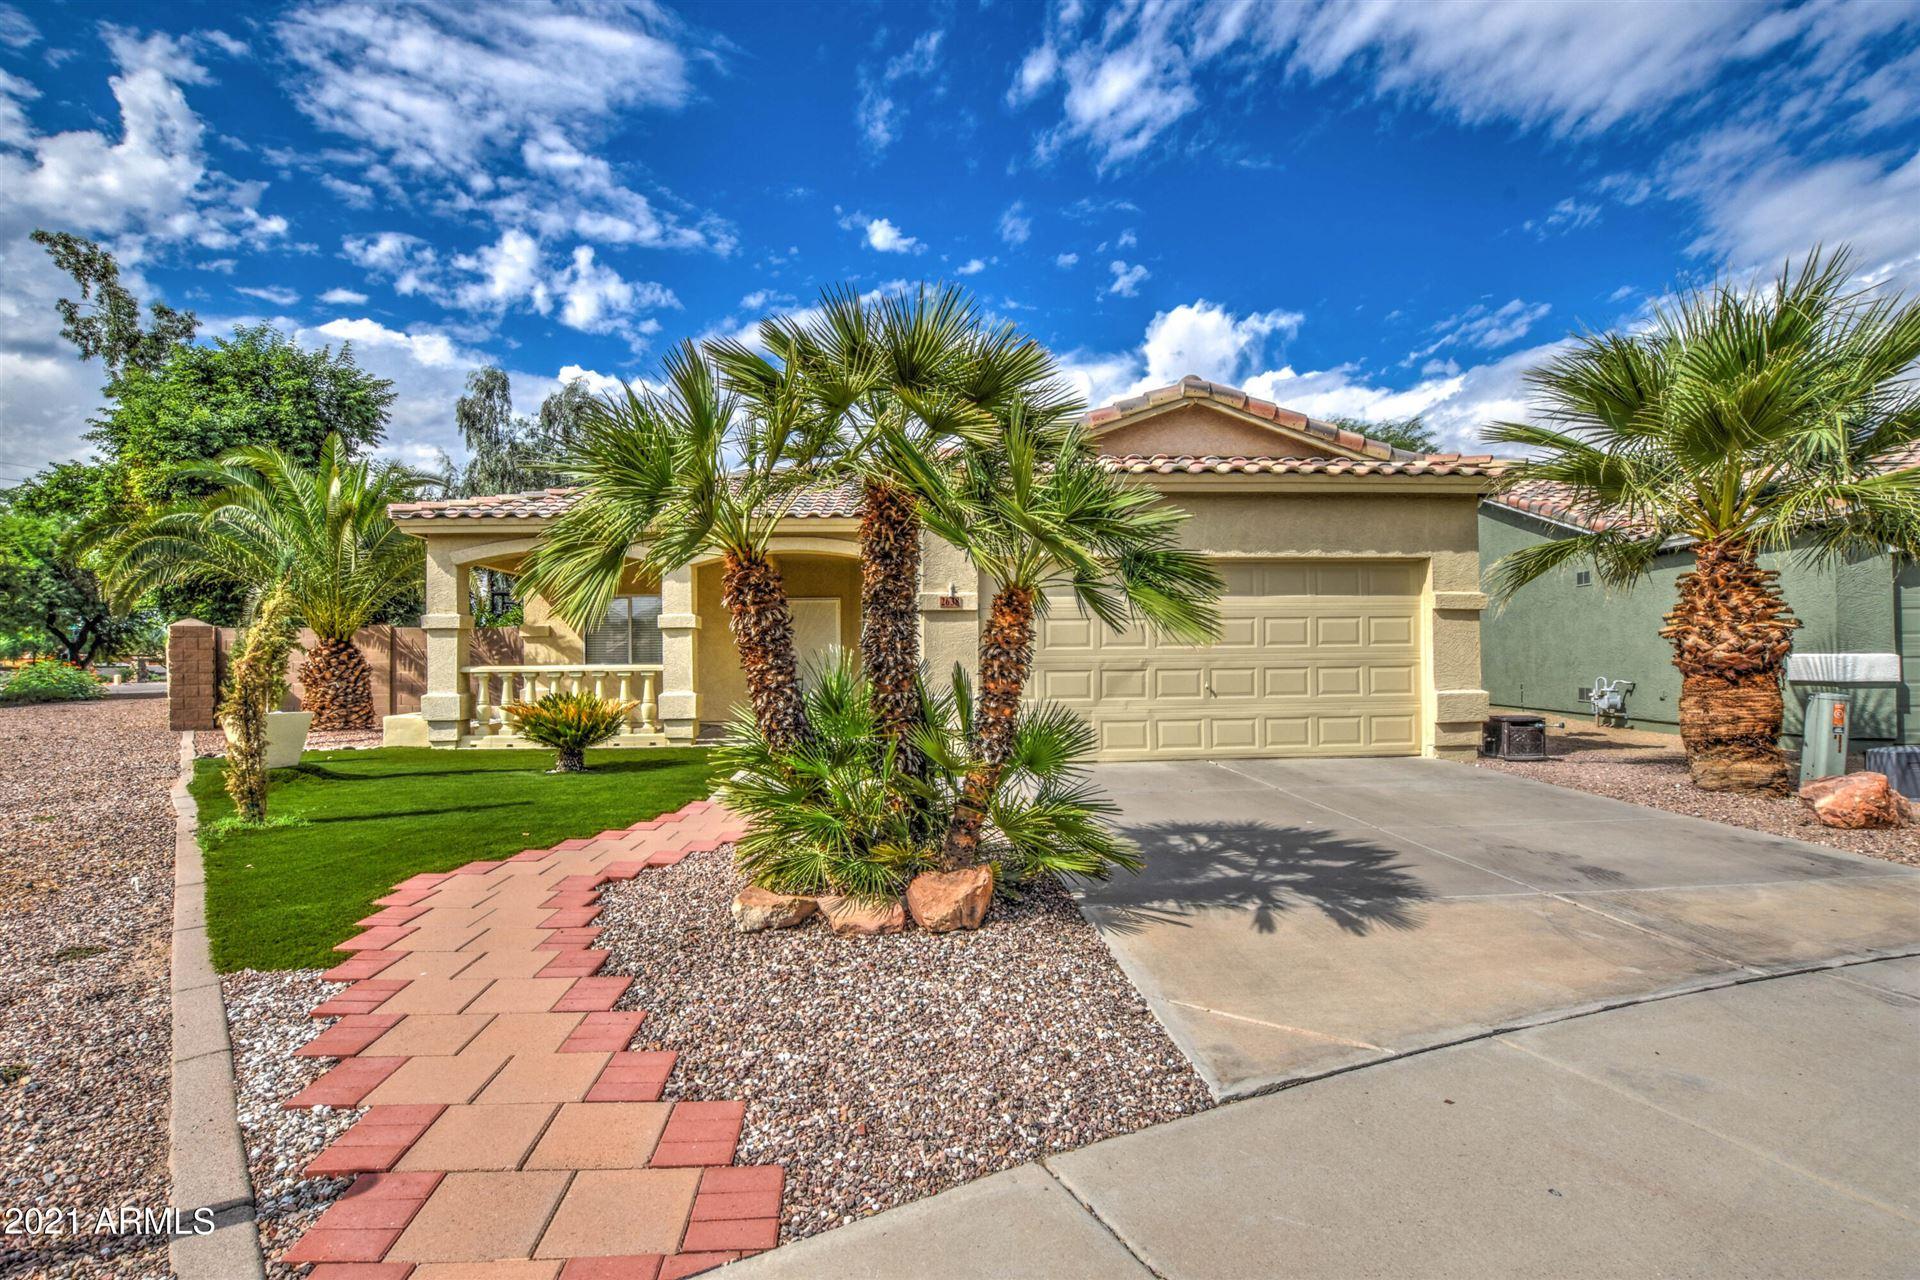 2638 S 71ST Lane, Phoenix, AZ 85043 - MLS#: 6304013